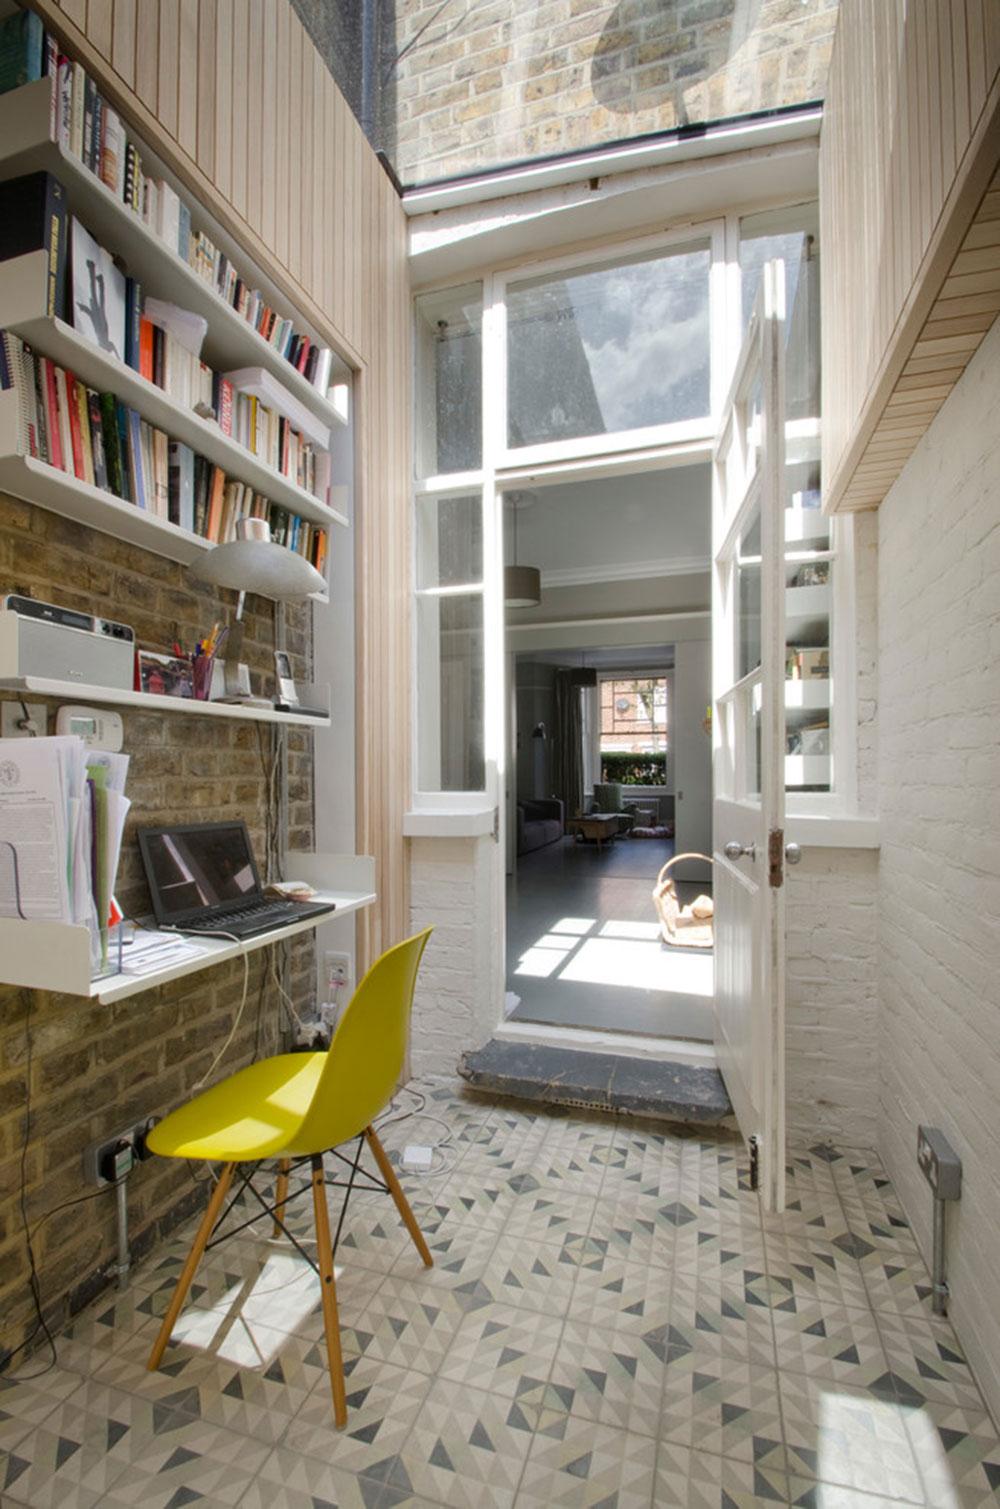 DIY-vägg-skrivbord-för-ett-trevligt-jobb9 DIY väggmonterat skrivbord designidéer